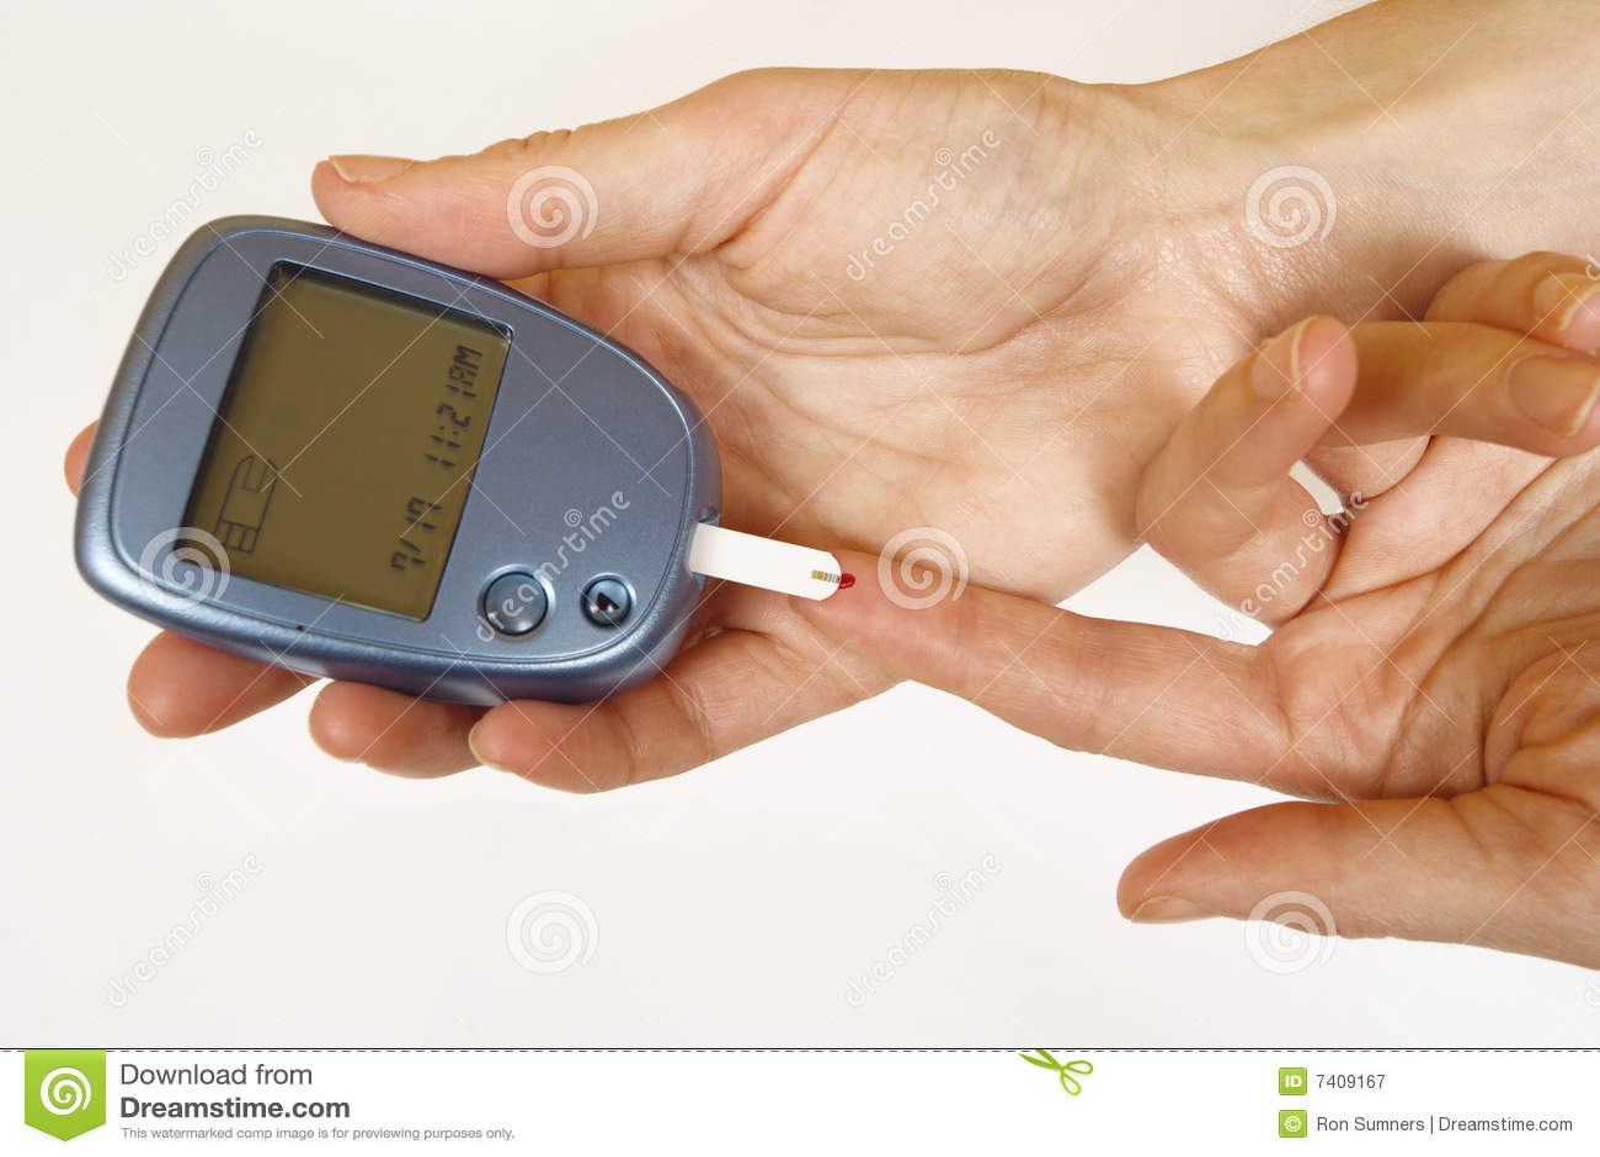 Autodiagnostica del diabete